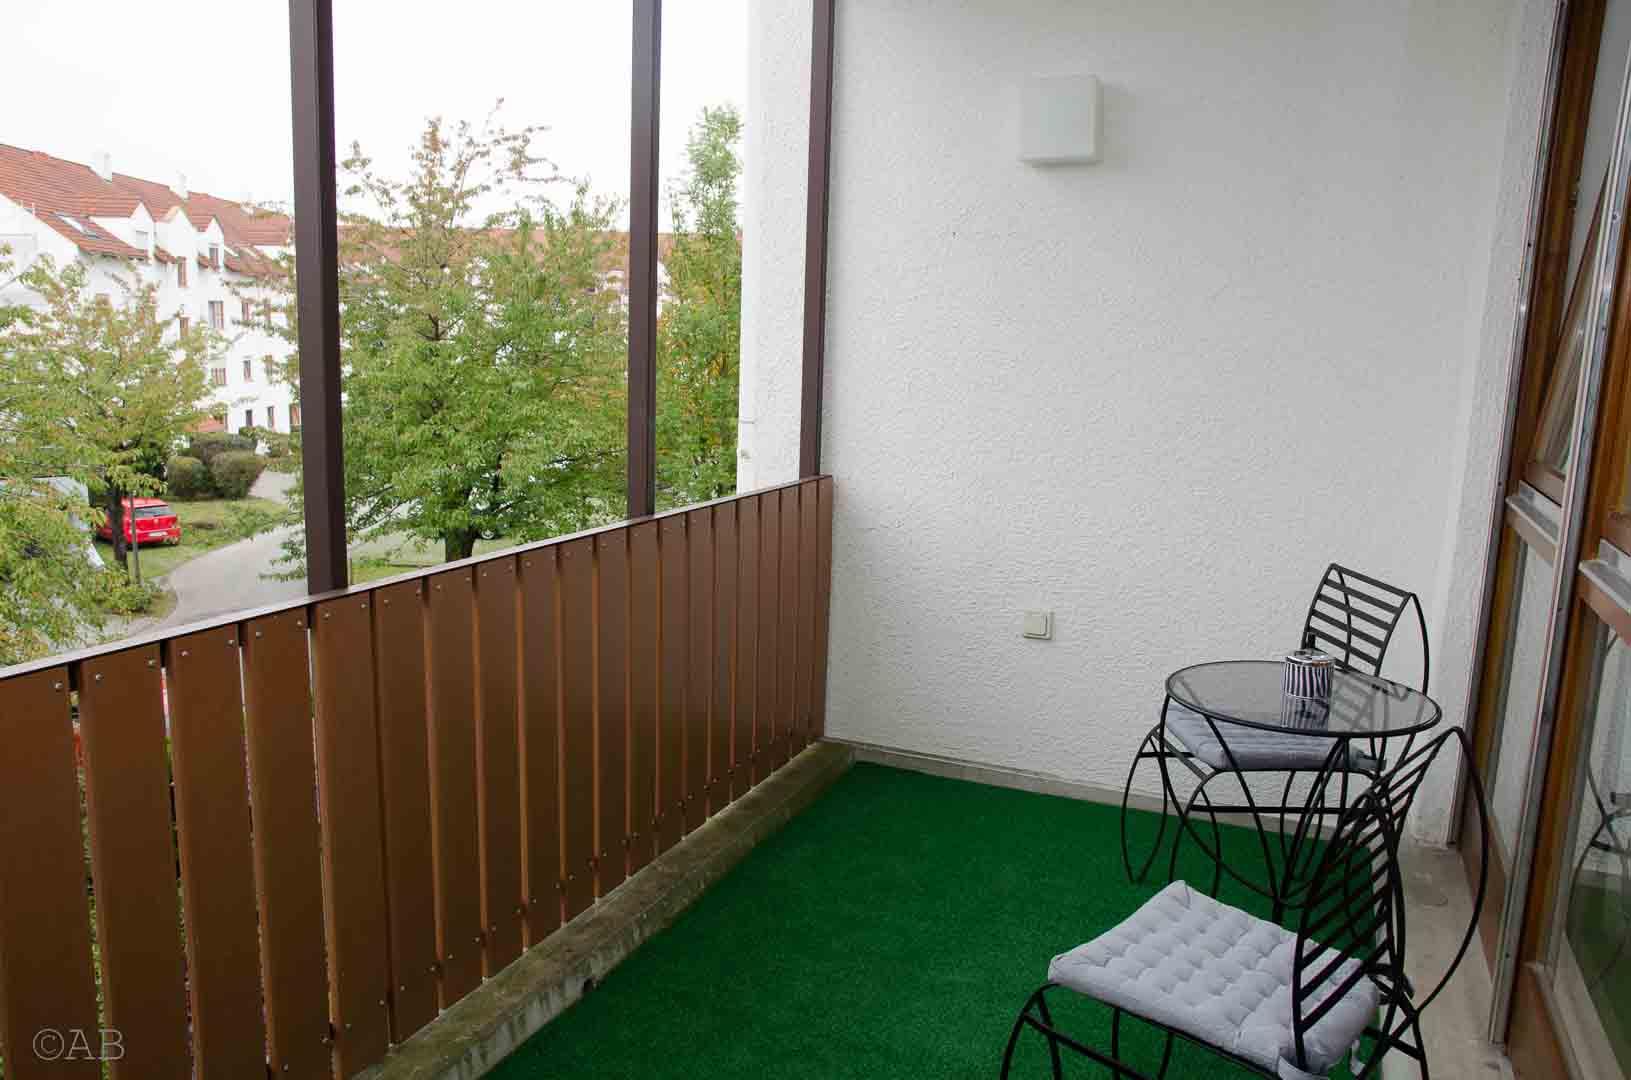 exclusives möbliertes Appartement in Königsbrunn bei Augsburg; Balkon